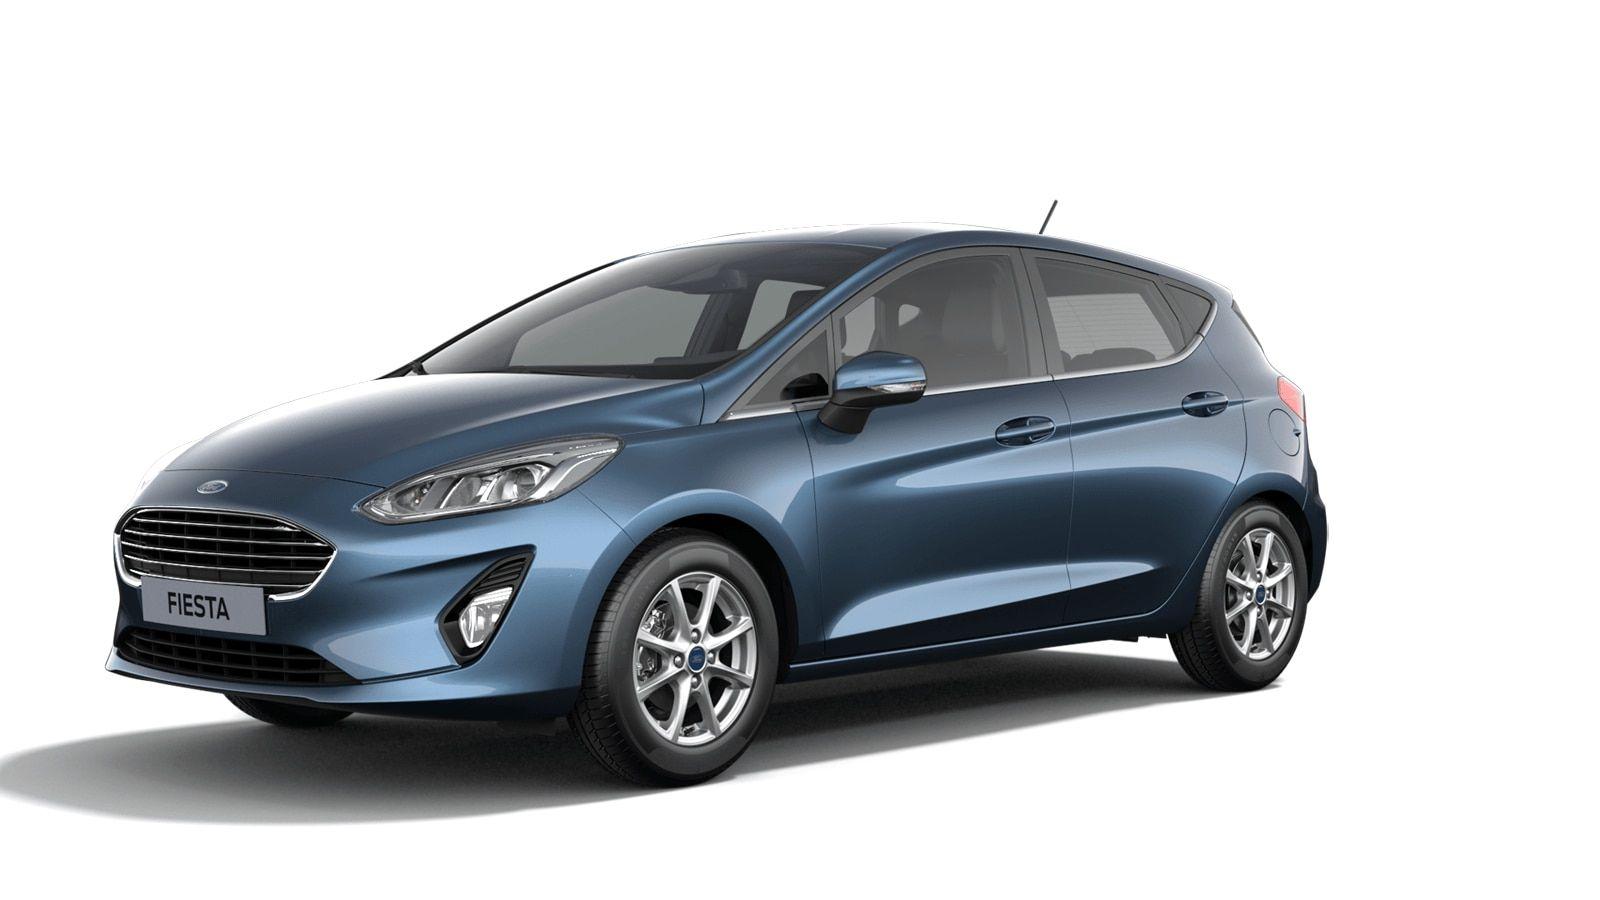 """Nieuw Ford All-new ford fiesta Titanium 1.0i EcBoost 95pk / 70kW M6 5d JKC - Metaalkleur """"Chrome Blue"""" 1"""